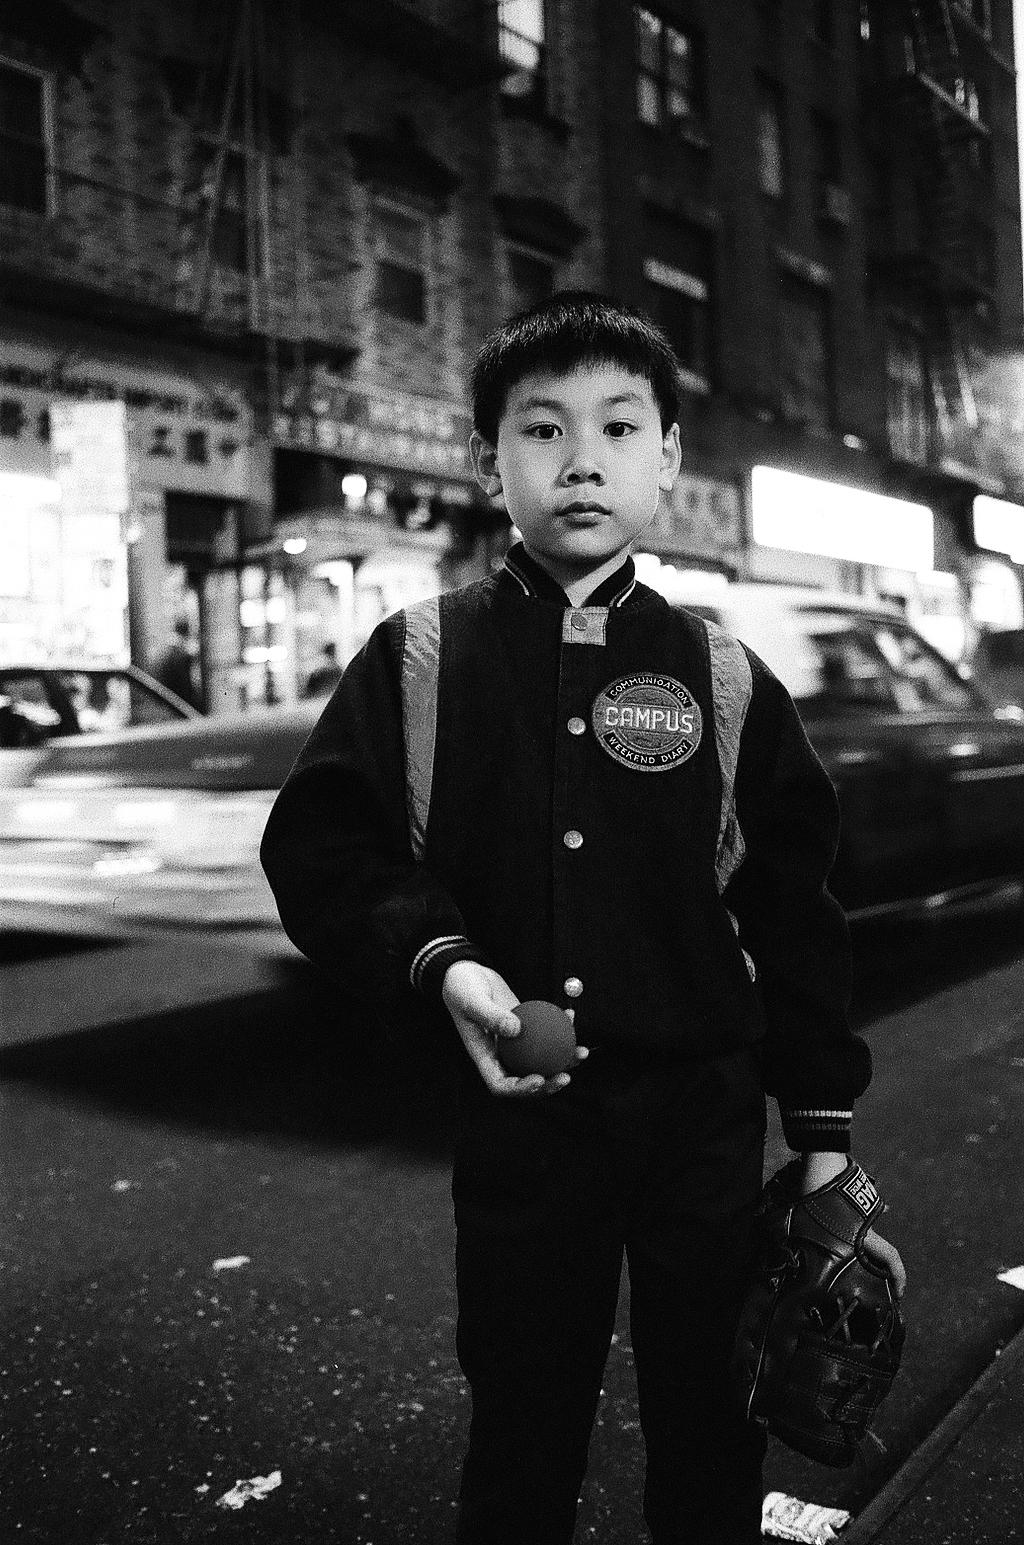 NYC, 1986